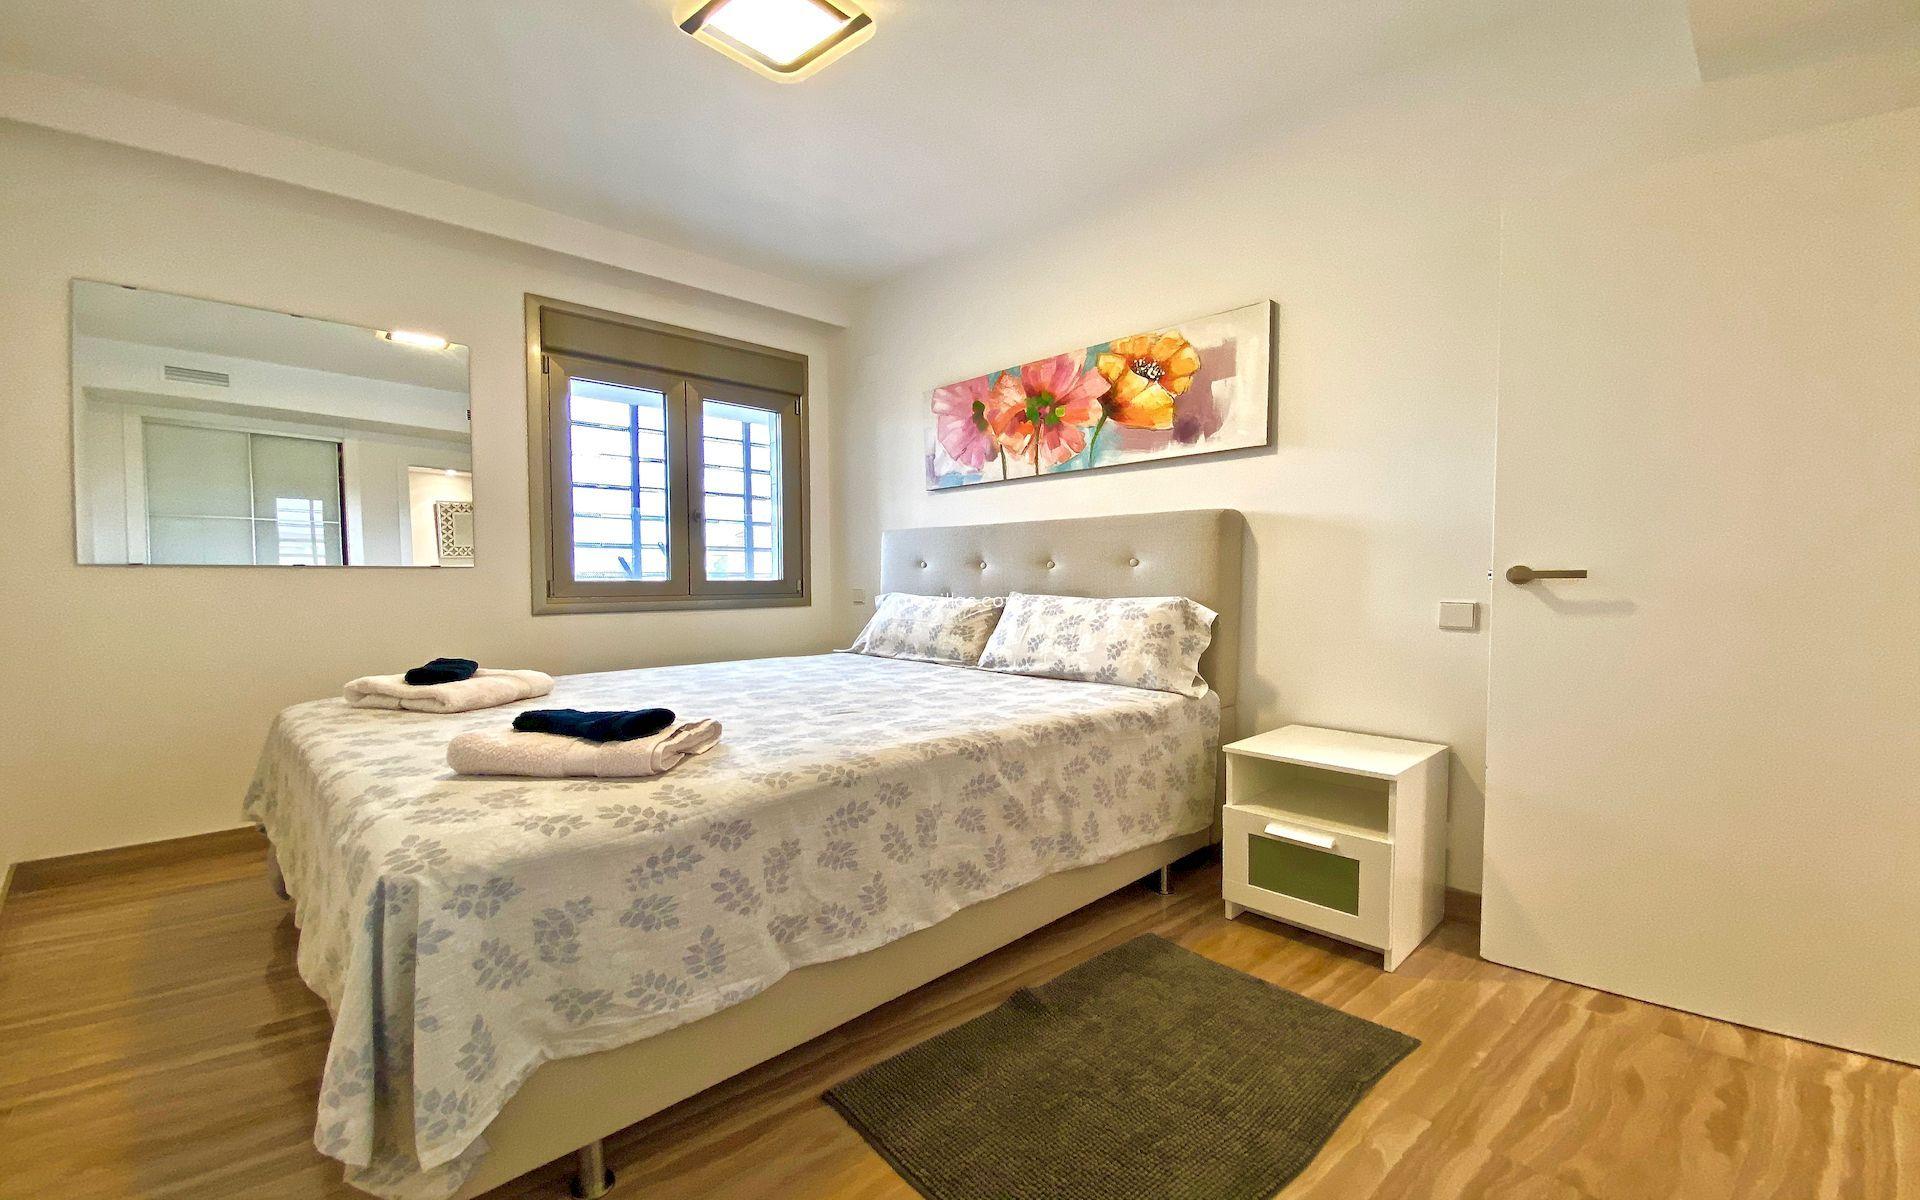 Penthouse duplex de 4 chambres avec vue sur la mer - Javea - Costa Blanca